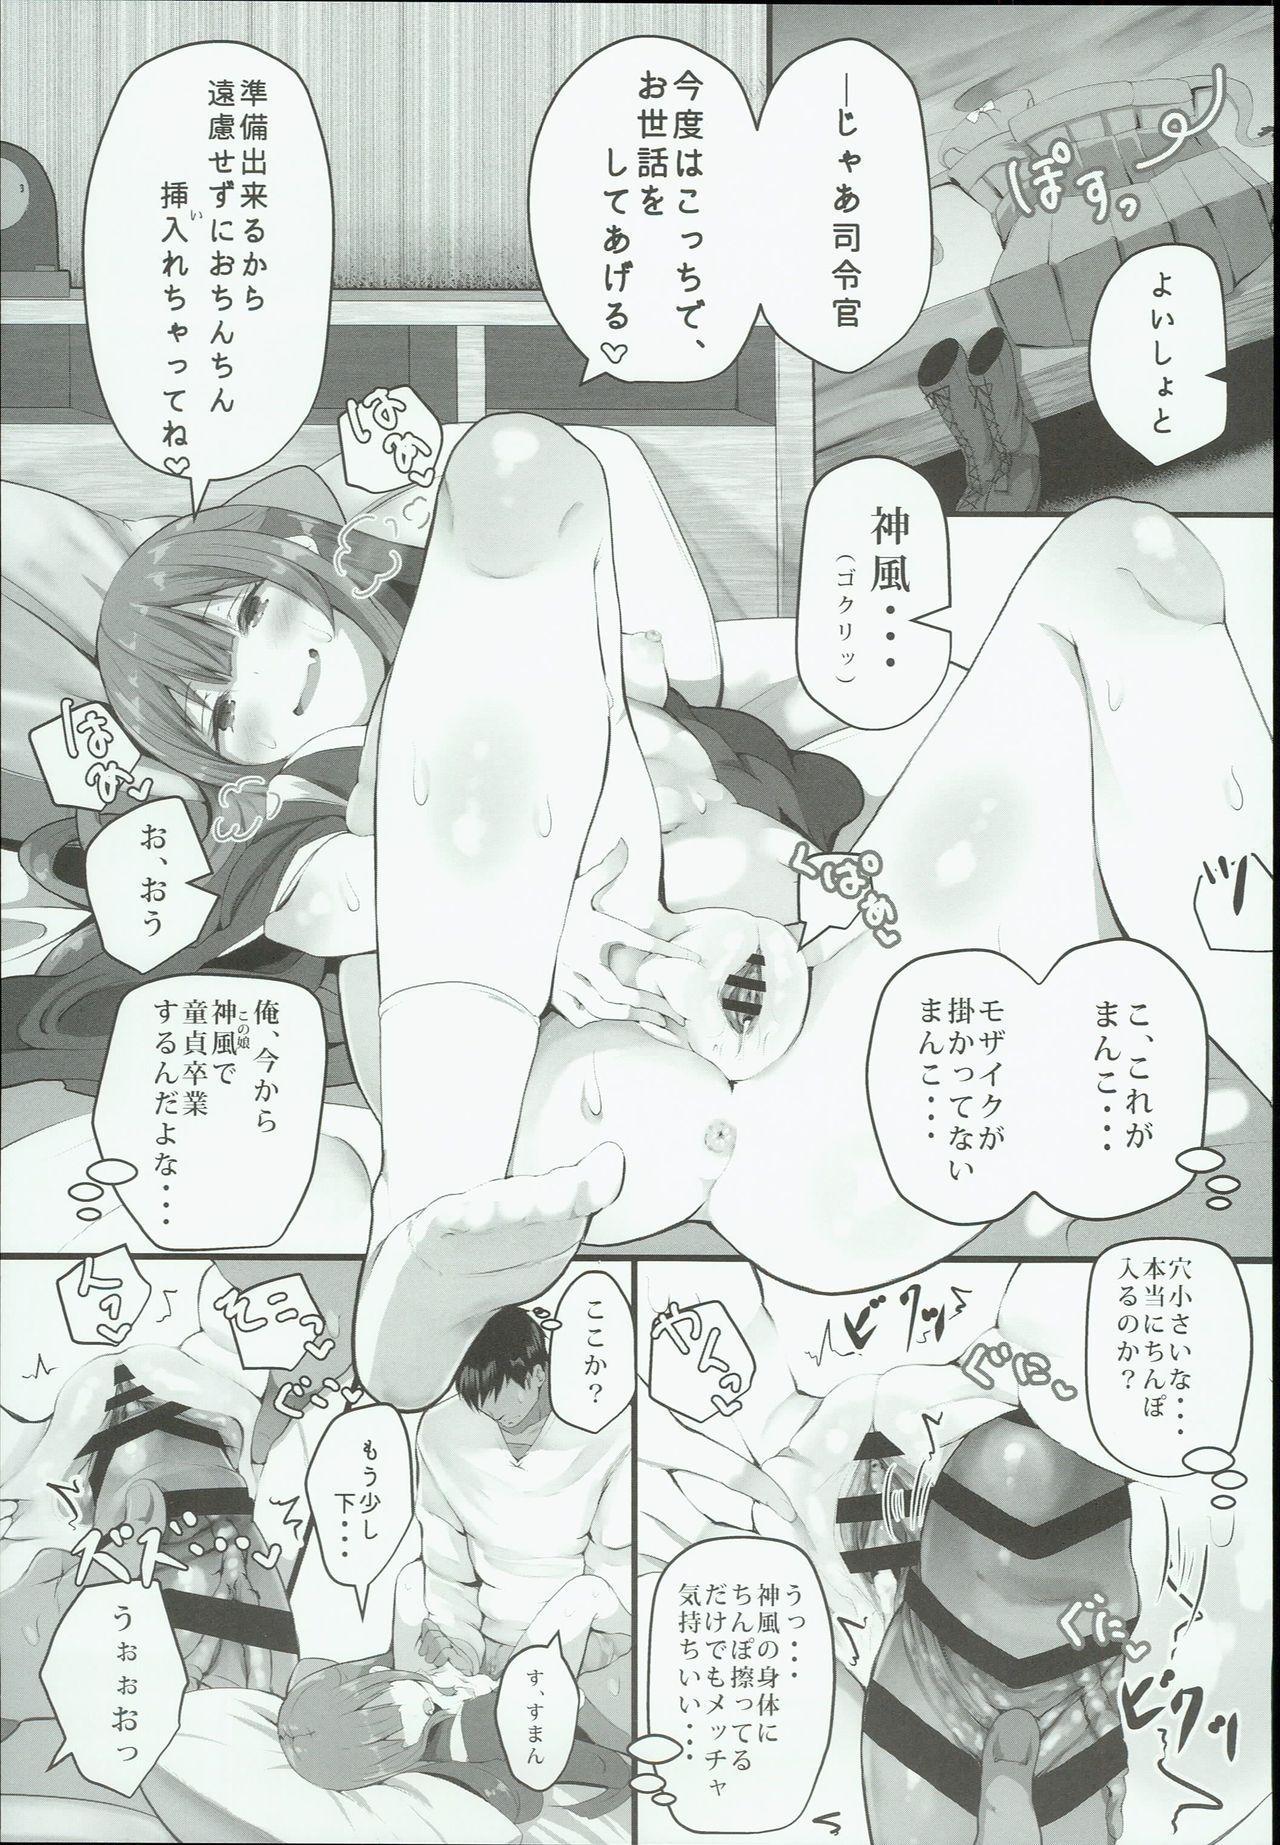 Kamikaze-chan wa Osewa Shitai 12